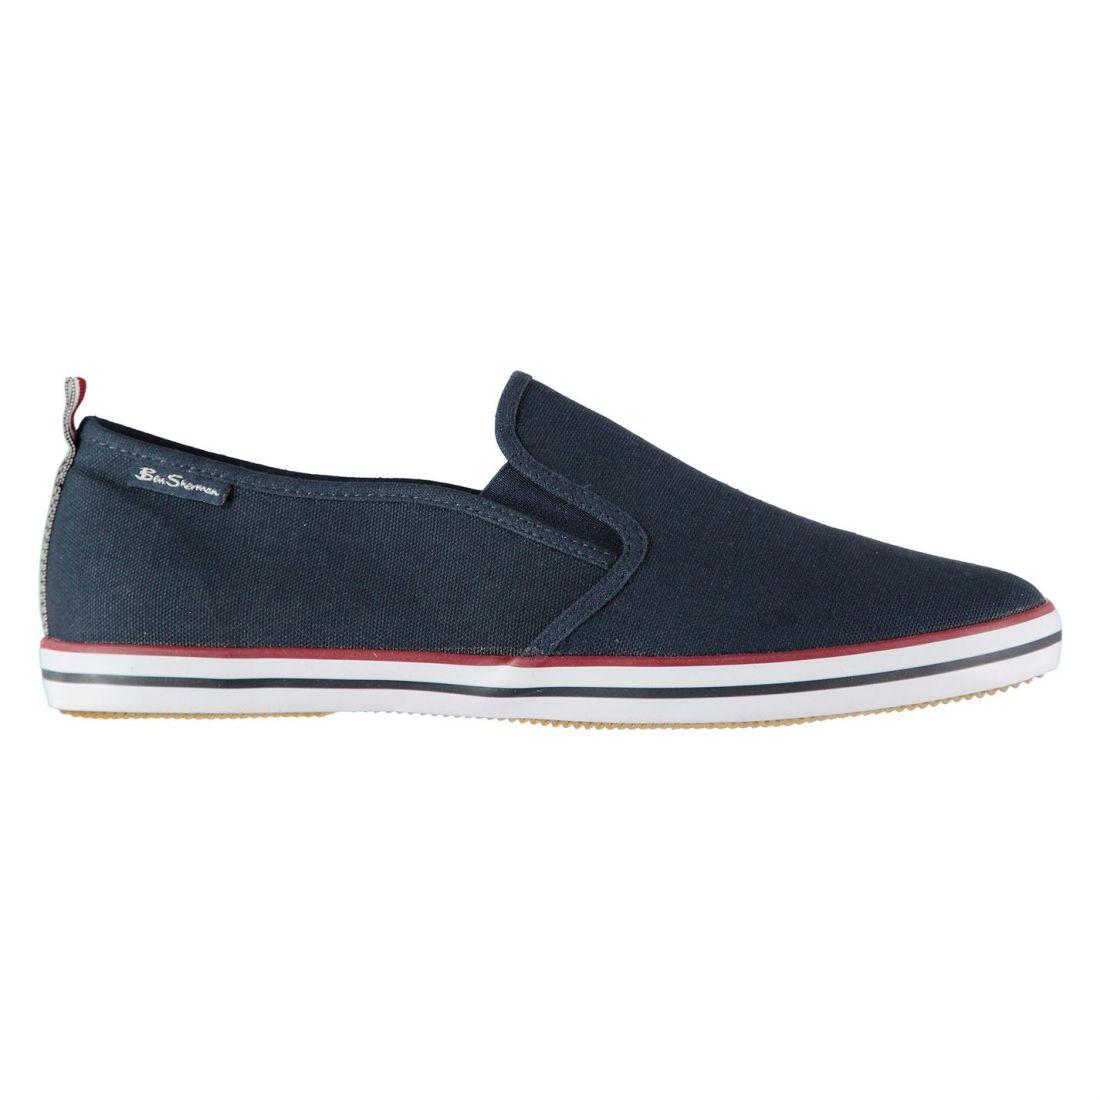 ben sherman canvas shoes